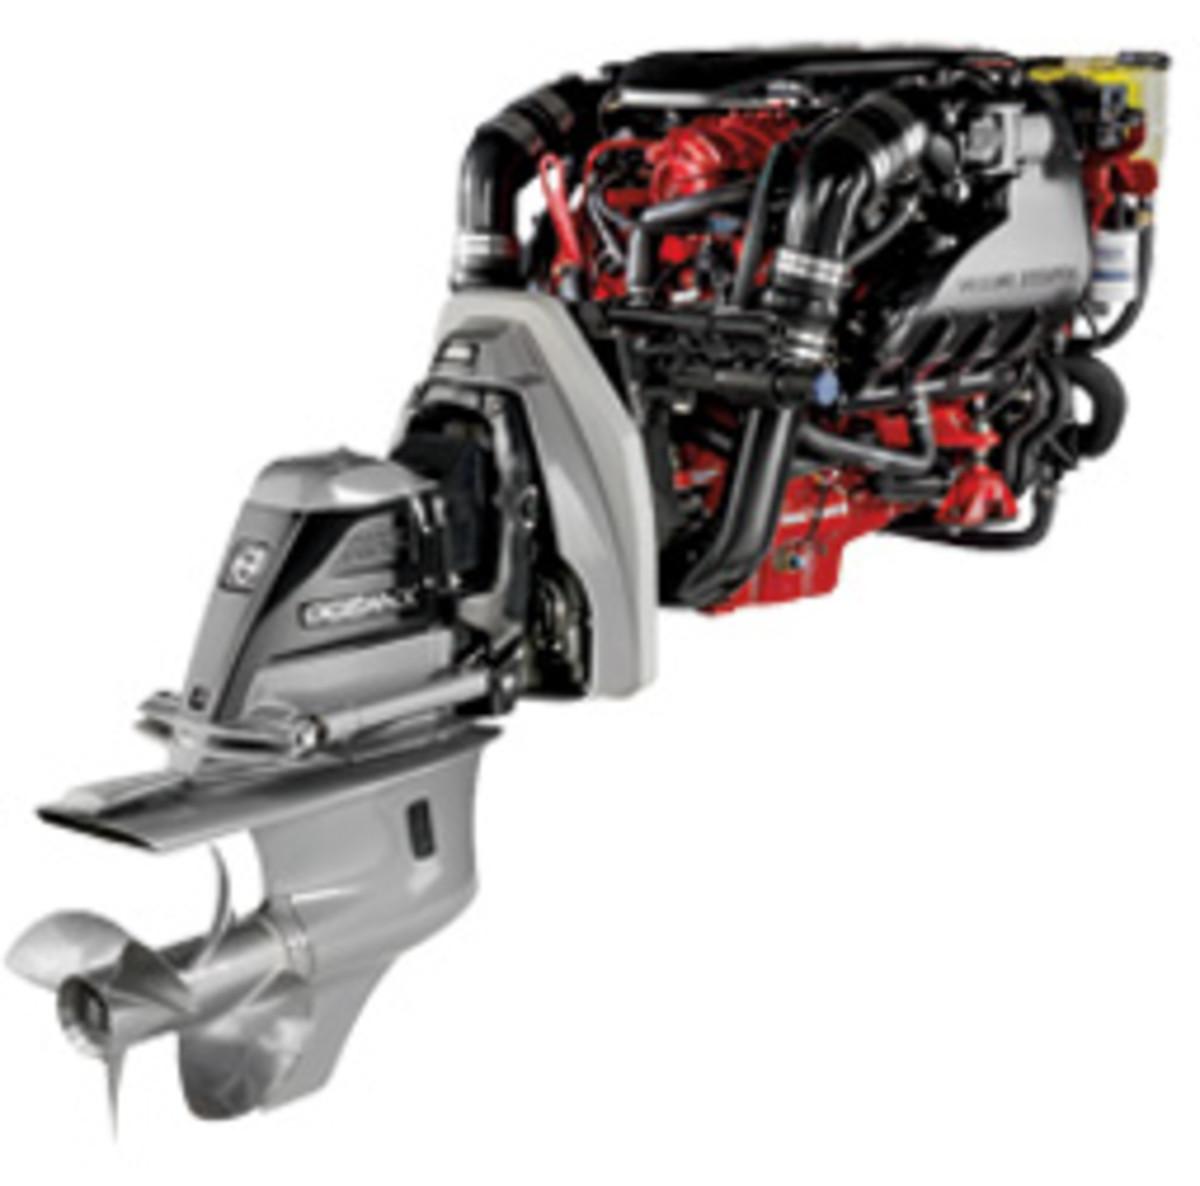 Volvo Penta's V8-380 gas sterndrive